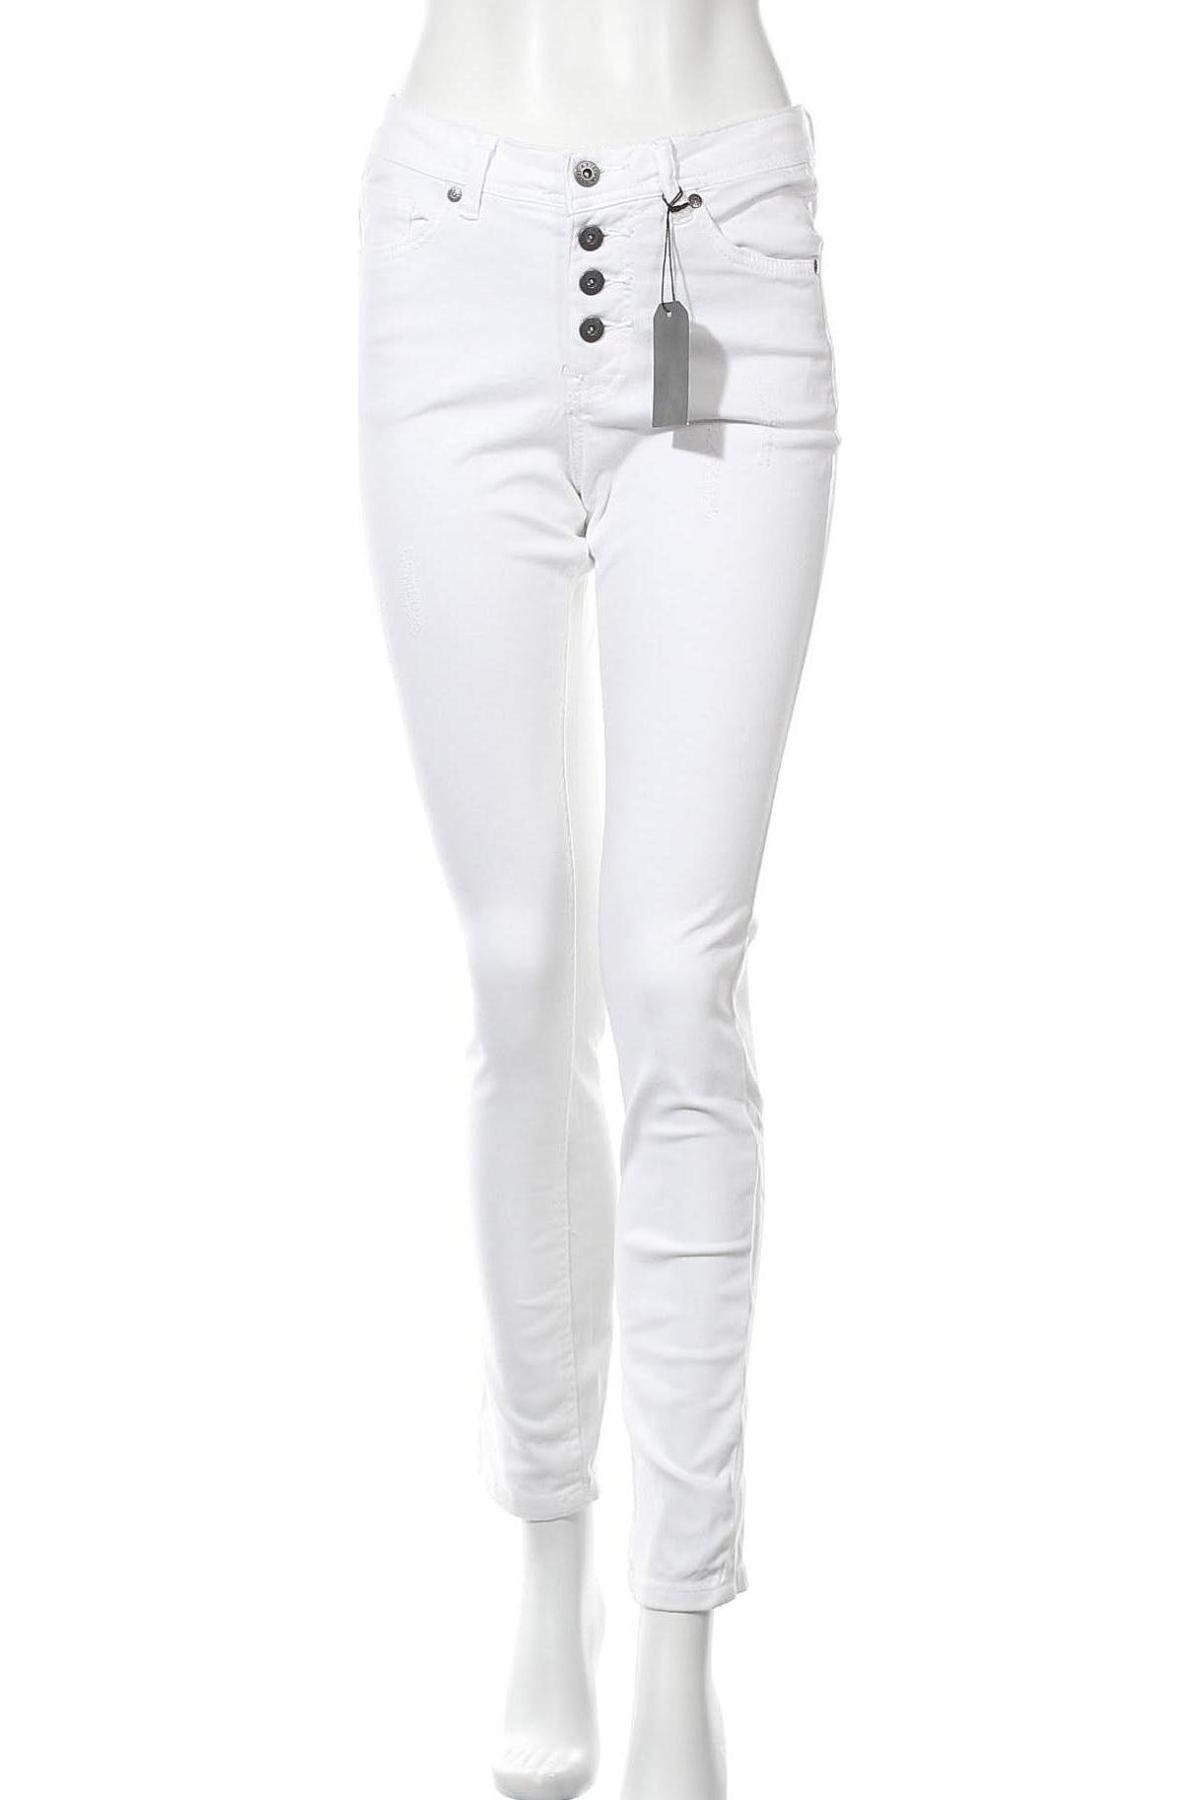 Дамски панталон Arizona, Размер S, Цвят Бял, 98% памук, 2% еластан, Цена 16,56лв.